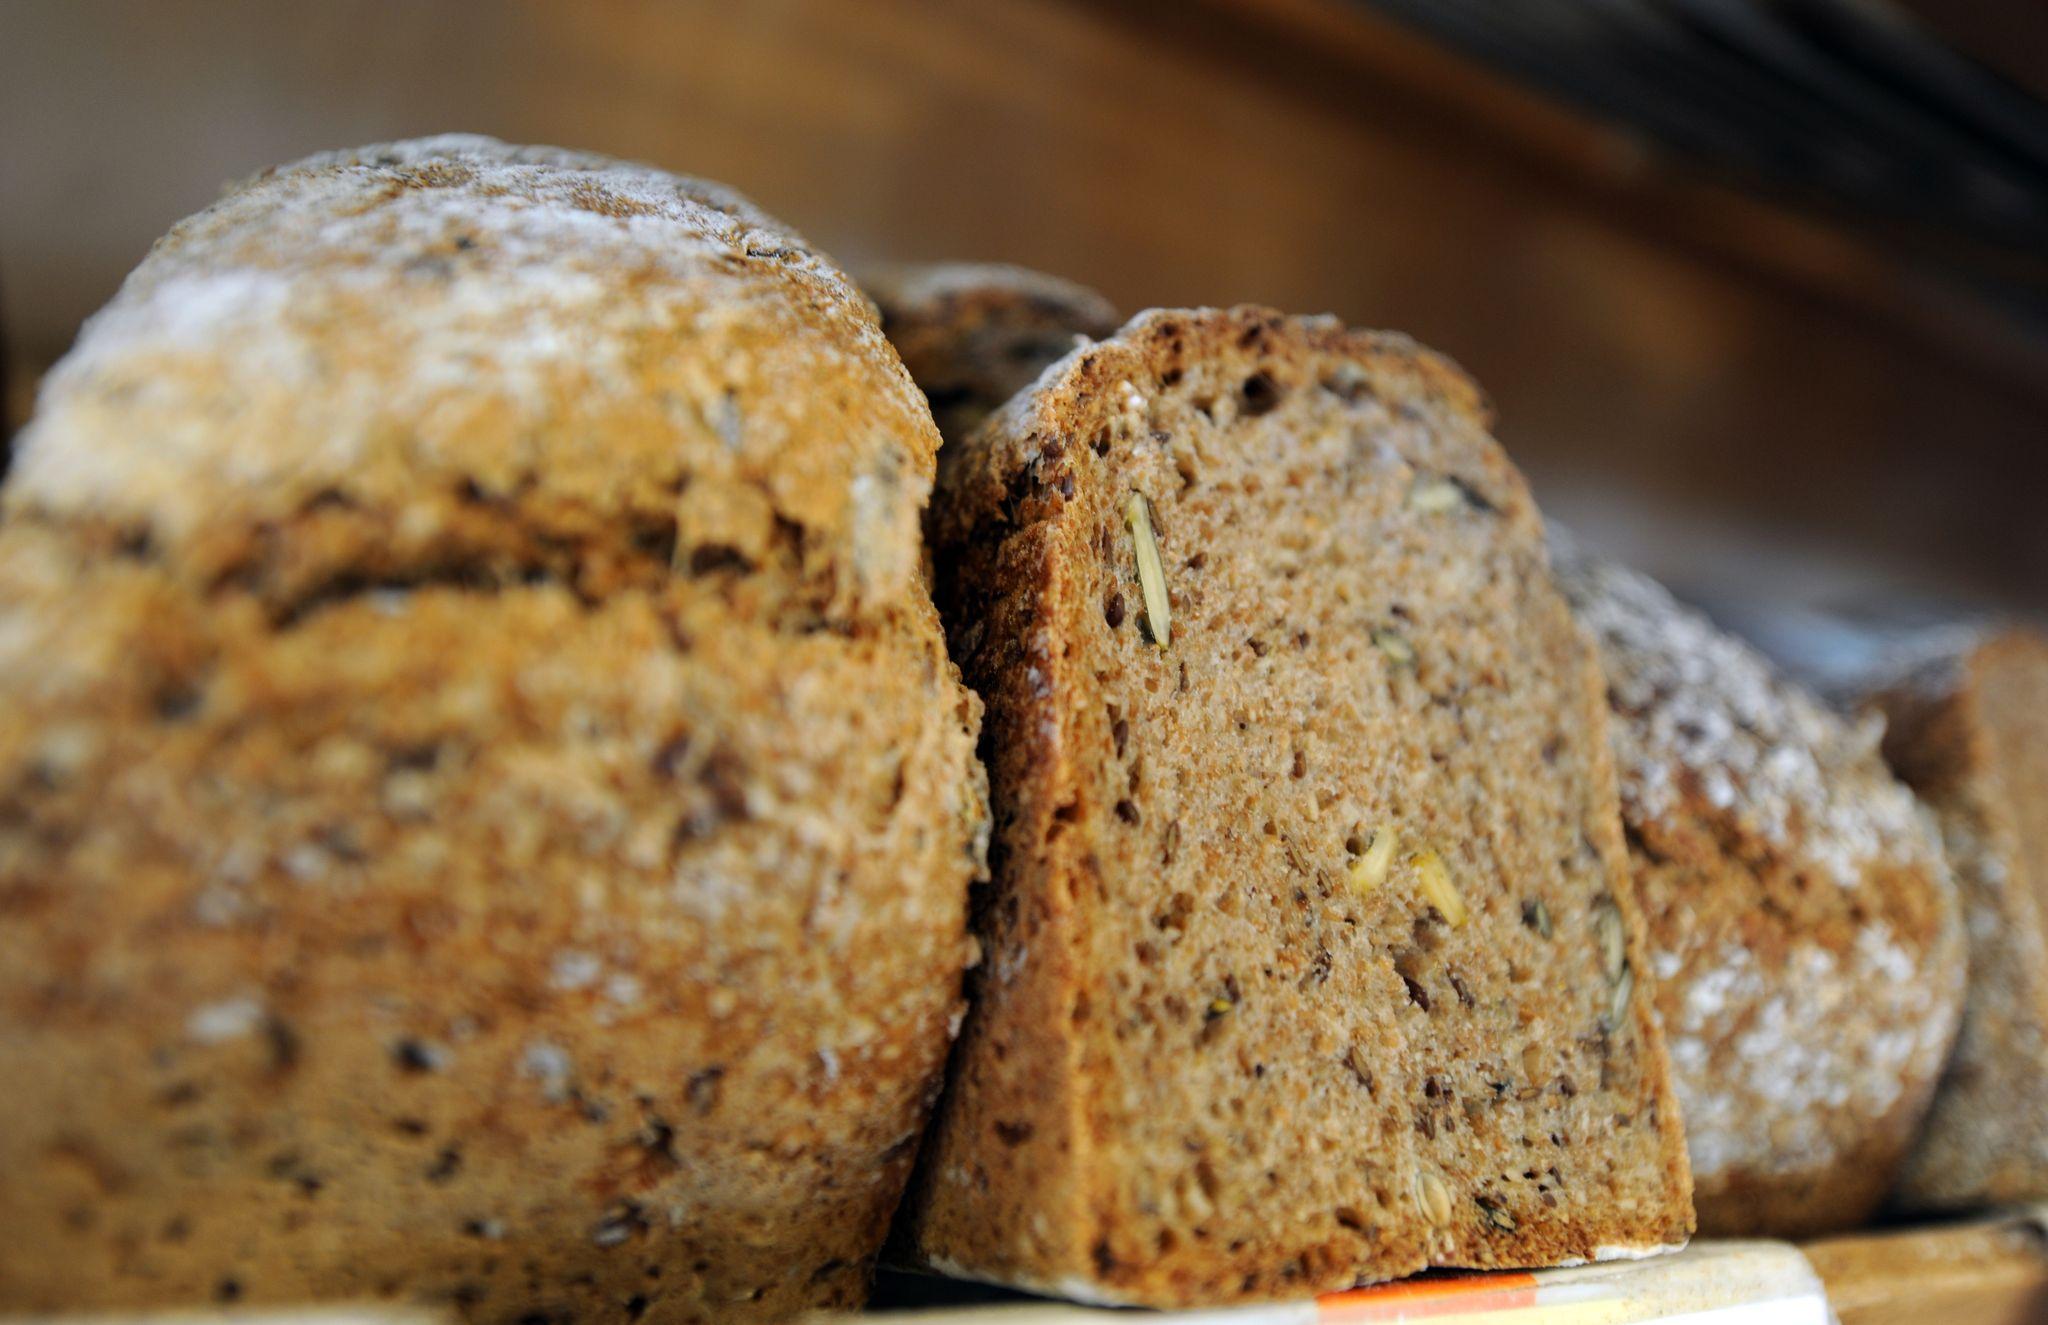 Ukens grønne tips: Vi kaster tre brød i sekundet. Lag heller noe godt med det tørre brødet.